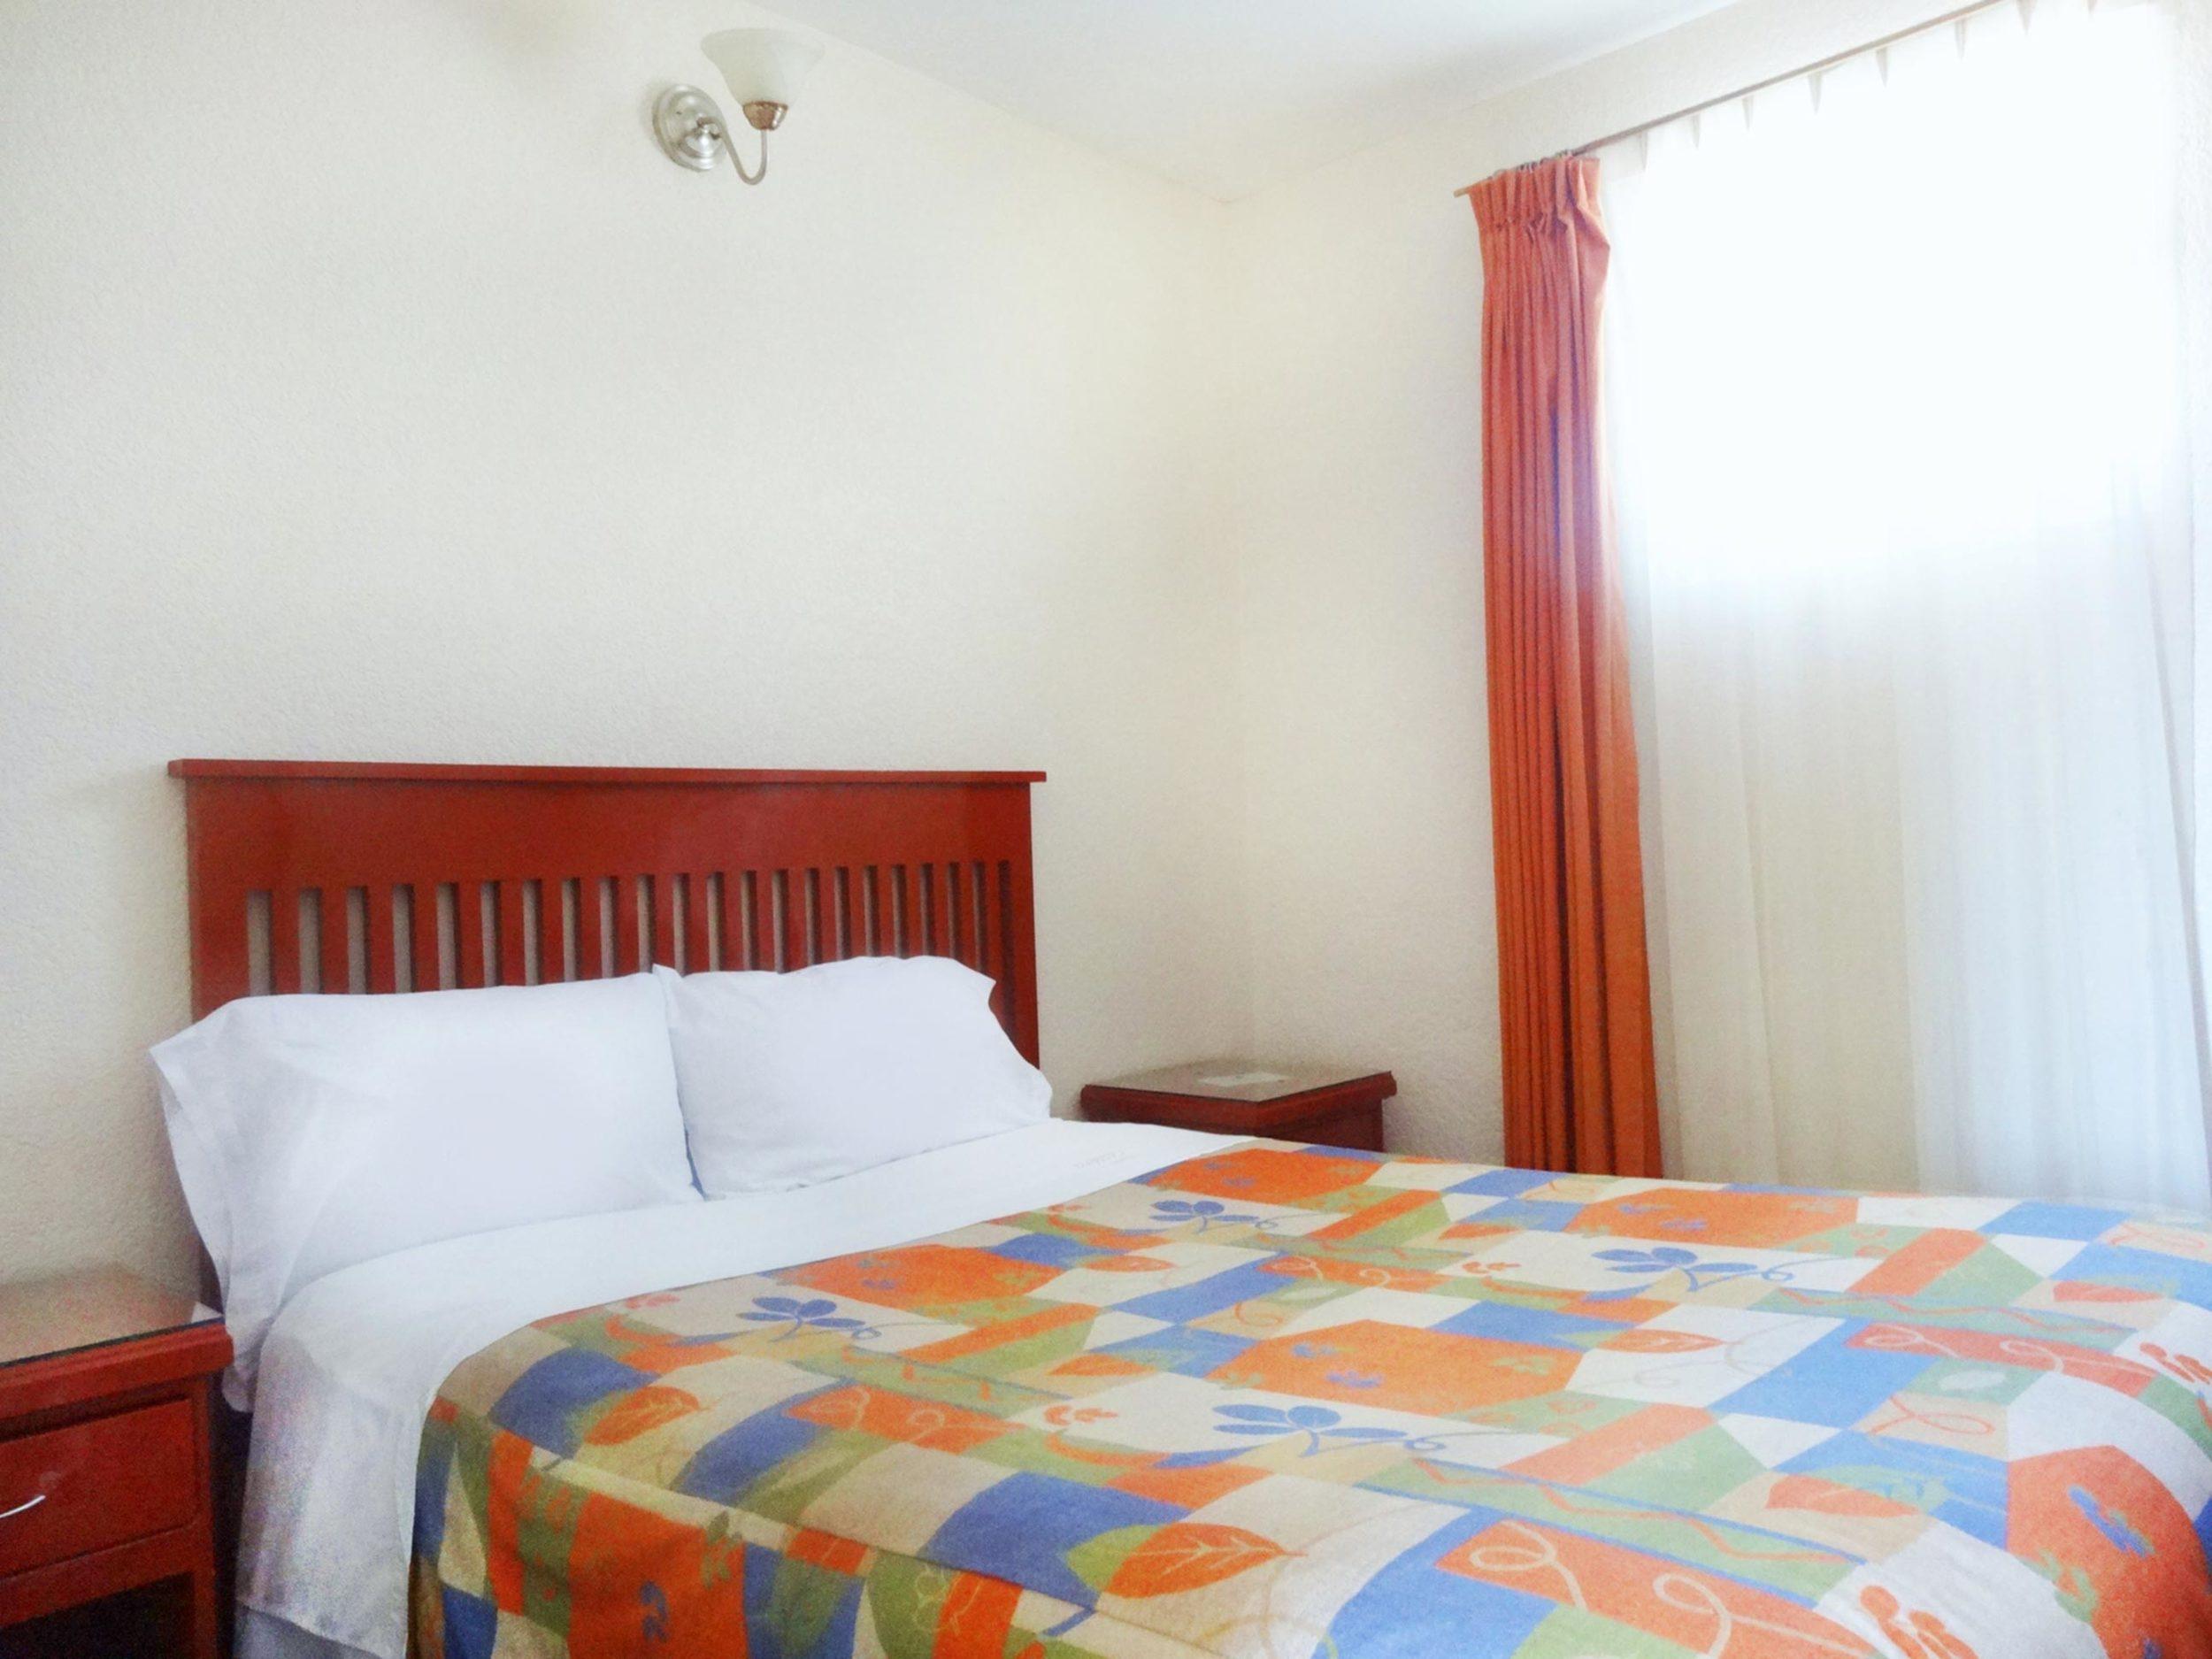 HOTEL-CAZADORES-NUEVA-1-500k.jpg